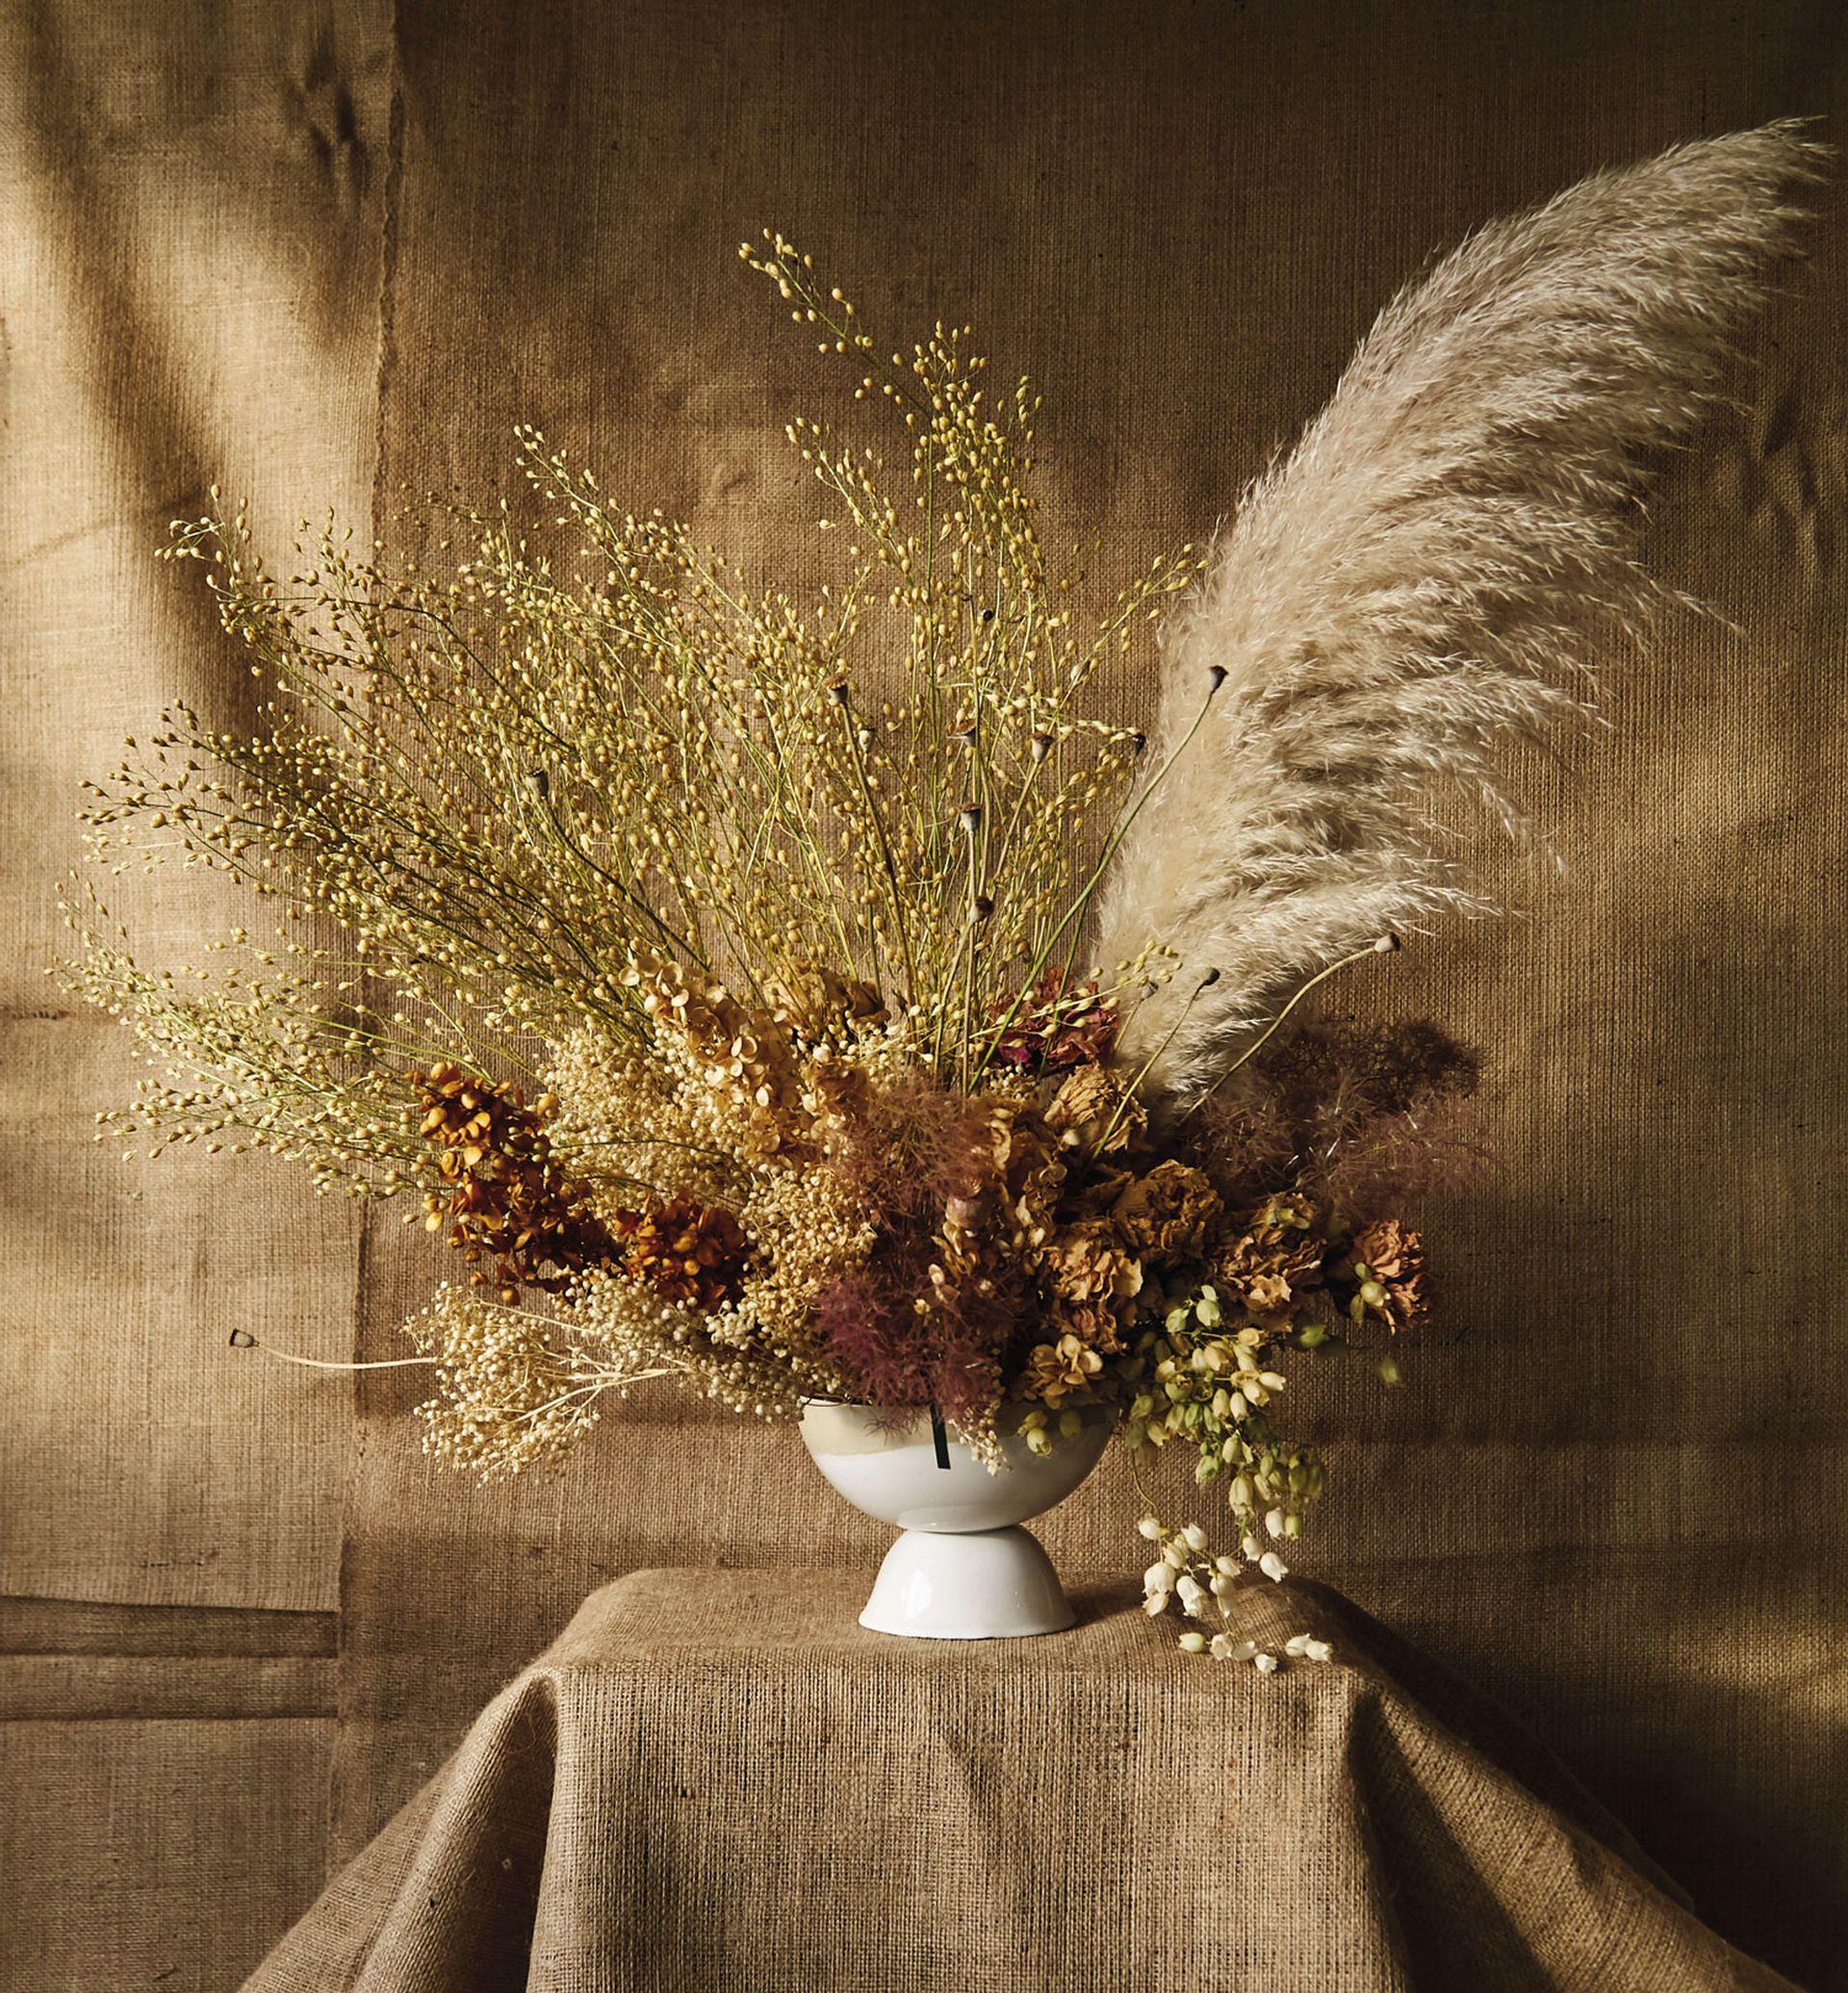 Inspirado en los poemas de Emily Dickinson, este arreglo refleja el alma romántica y apasionada de la autora. El garden style inglés tiene su toque de refinamiento en este diseño frontal con forma de mariposa.